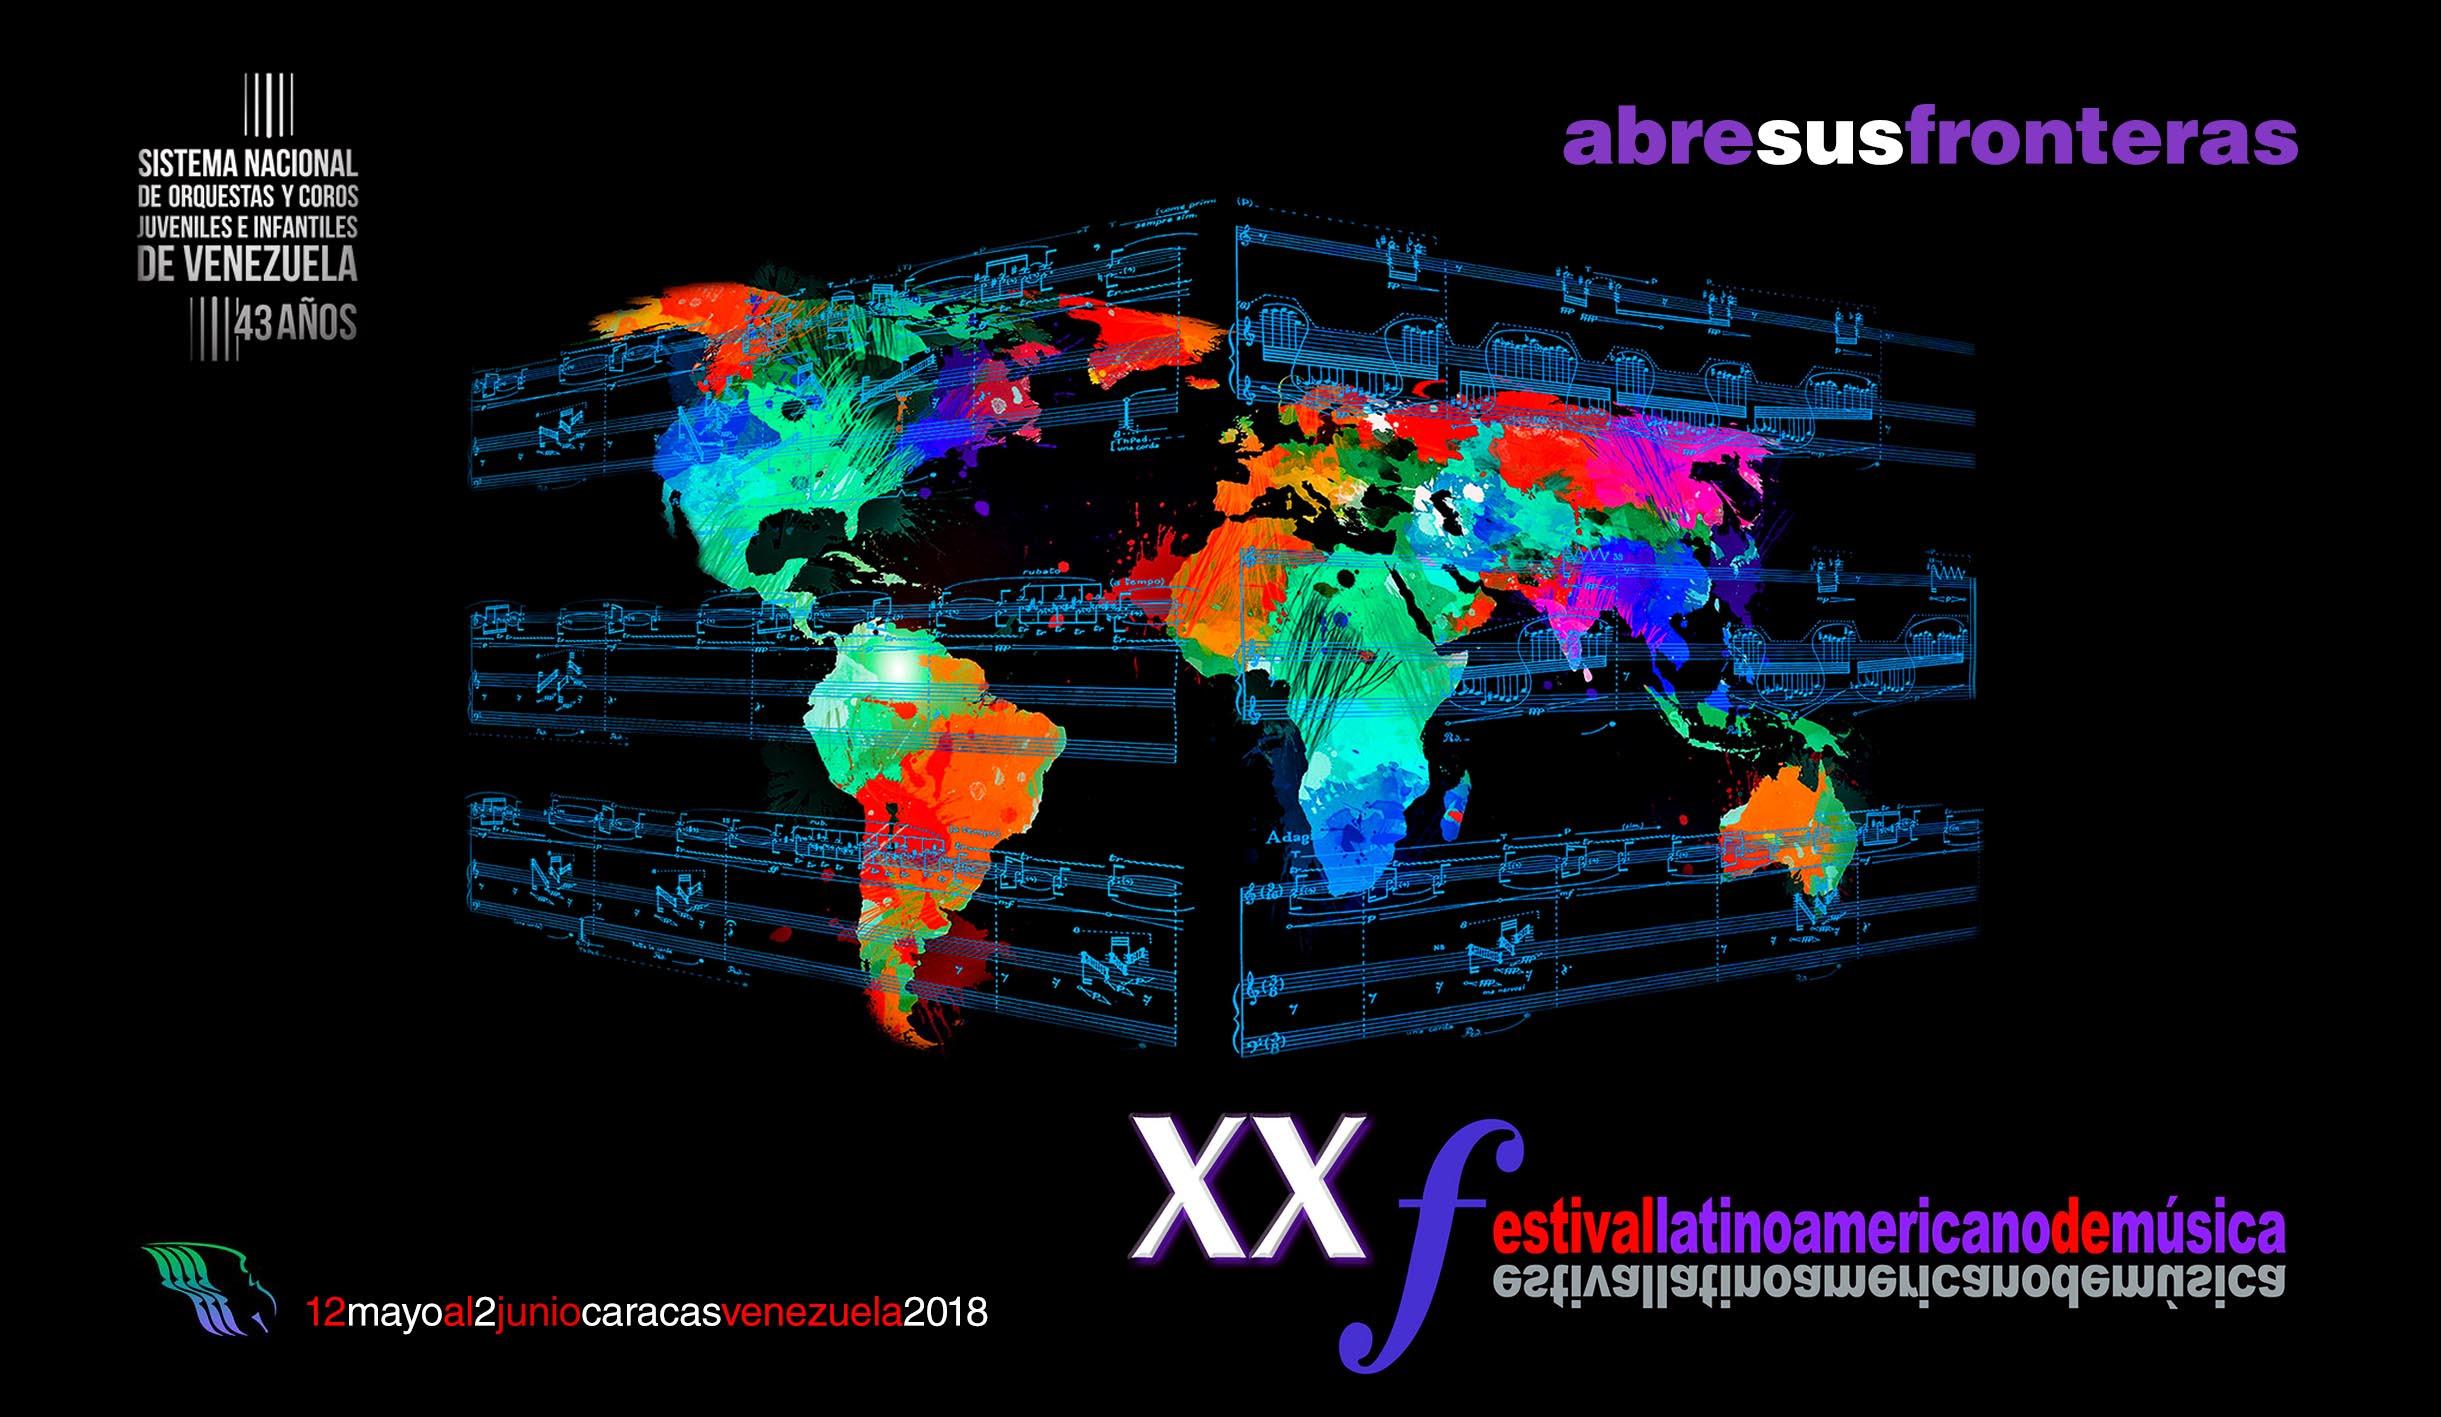 Festival Latinoamericano de Música llega a su edición número 20